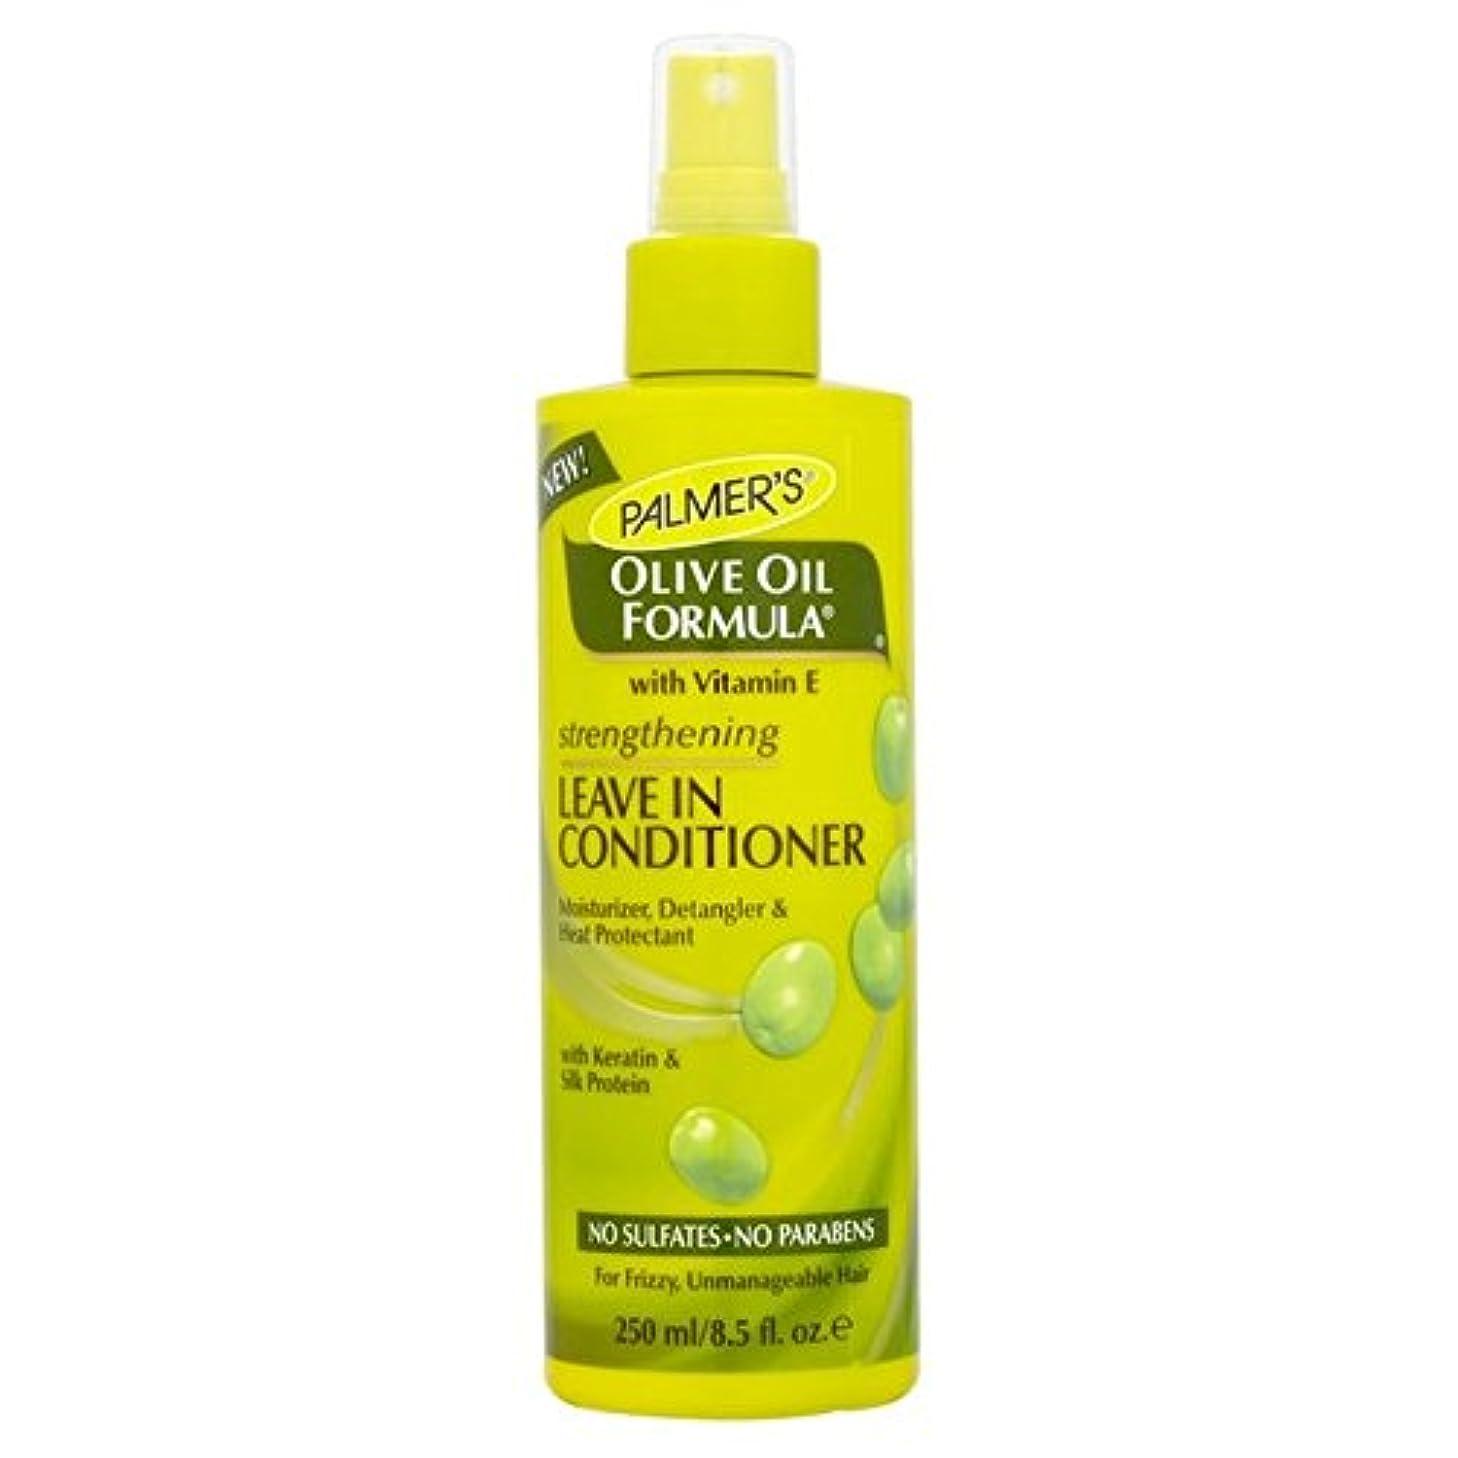 月曜なめらか猟犬Palmer's Olive Oil Formula Strengthening Leave-in Conditioner 250ml (Pack of 6) - リーブインコンディショナー250を強化パーマーのオリーブオイル...